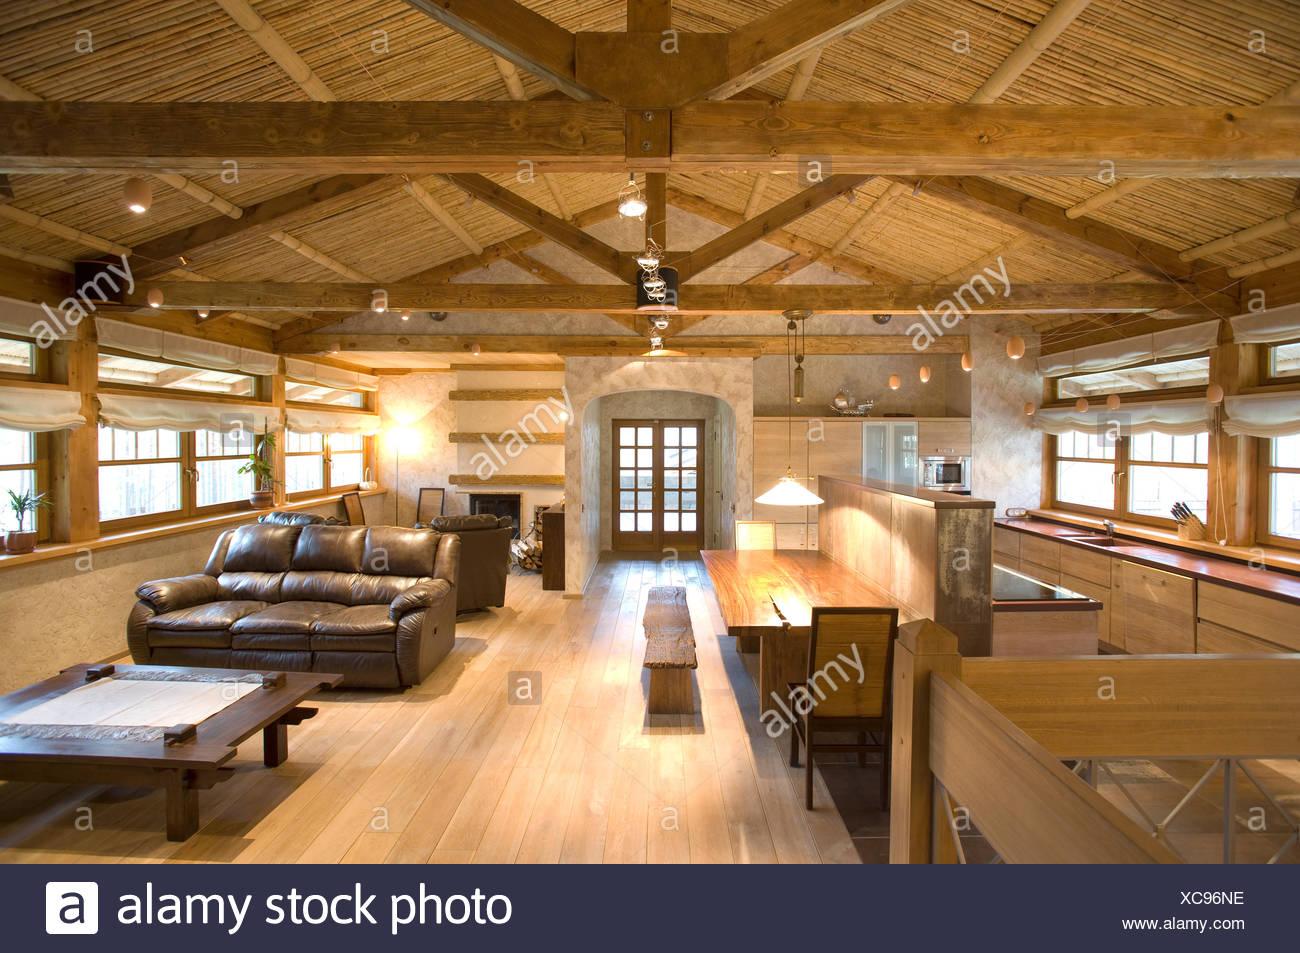 moderne Küche und Wohnzimmer in Sicht Stockfoto, Bild: 282944634 - Alamy